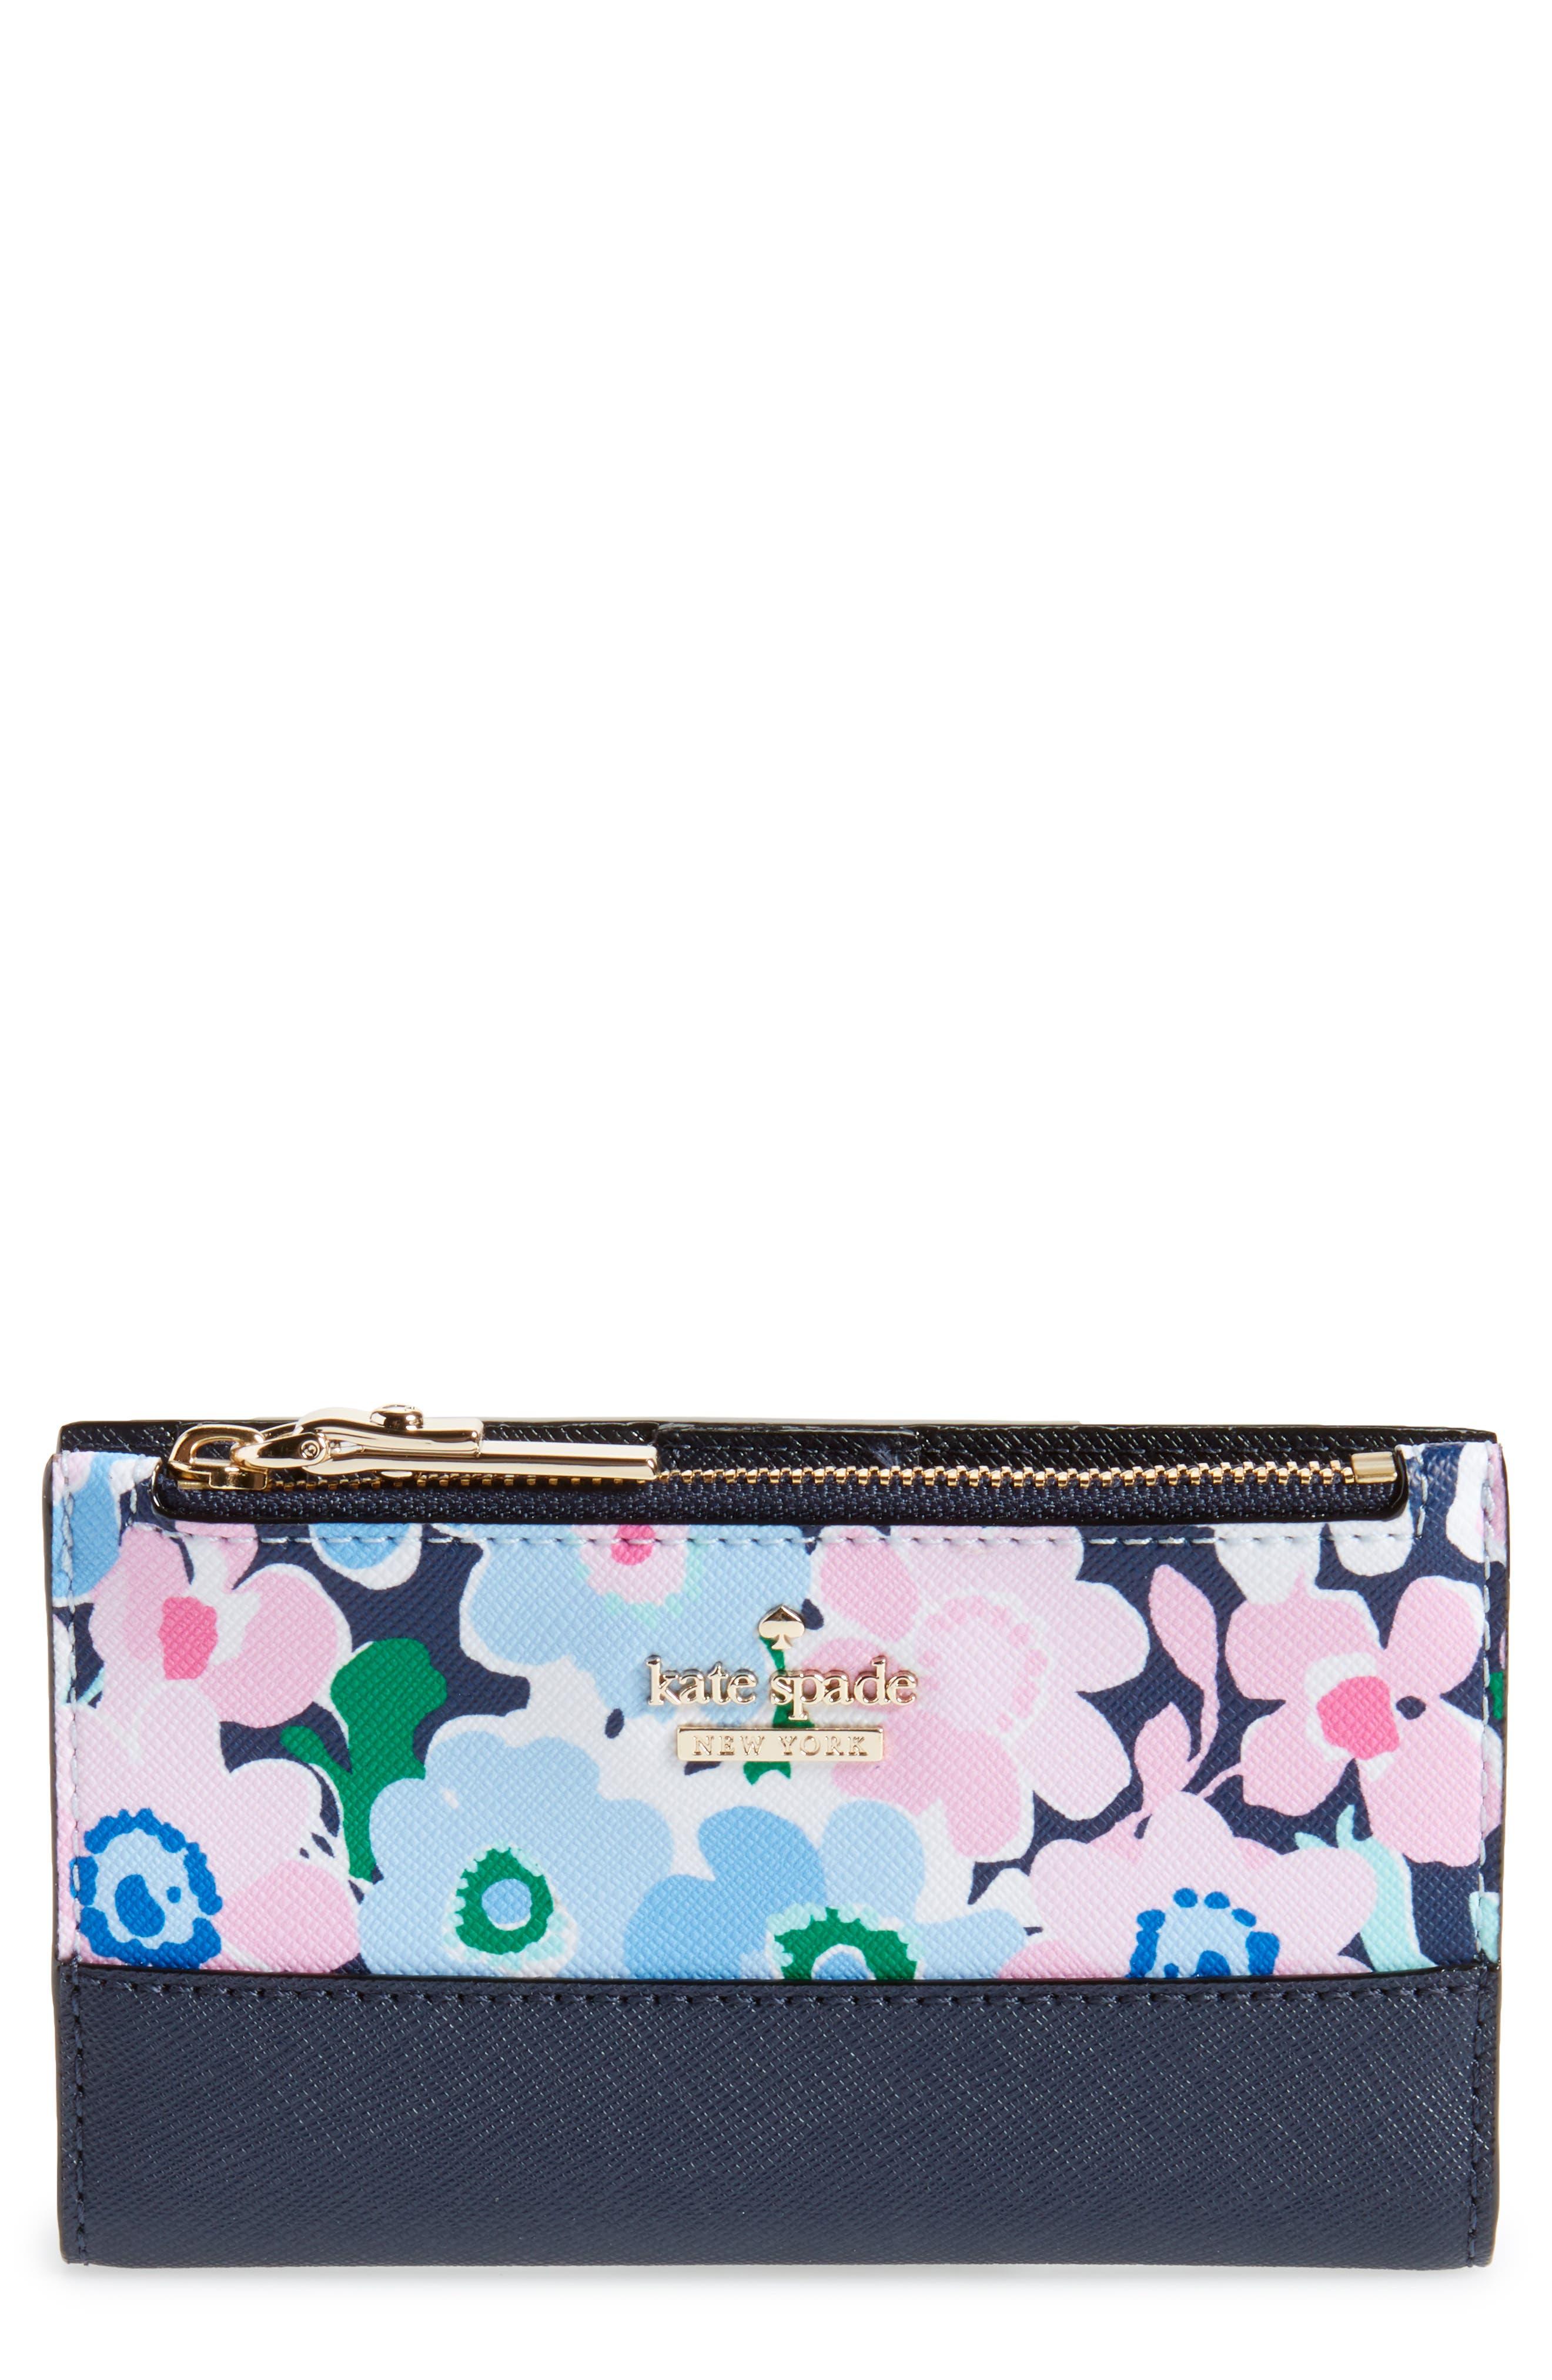 kate spade new york cameron street - daisy garden wallet